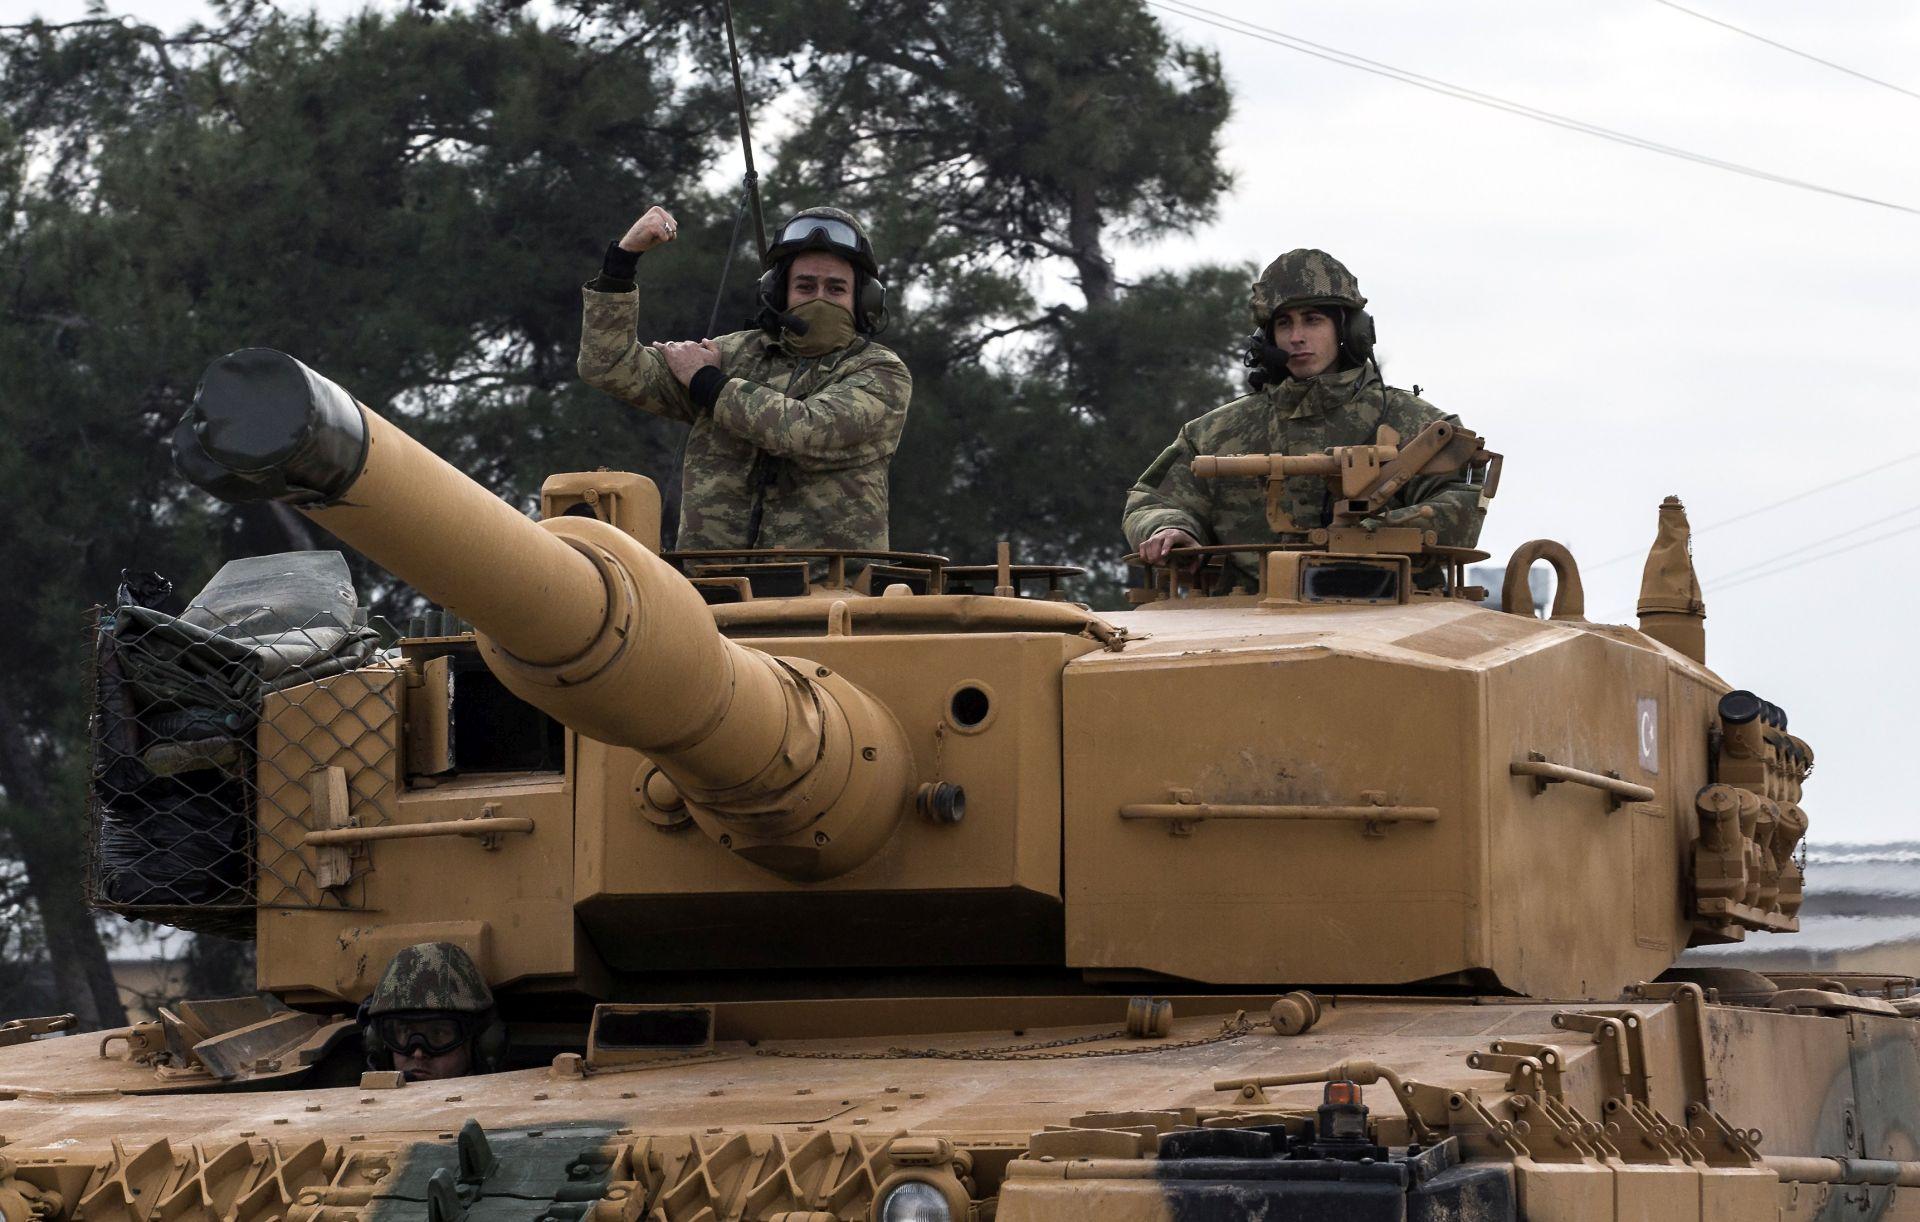 Turci se hvale diplomatskom pobjedom protiv SAD-a u Siriji